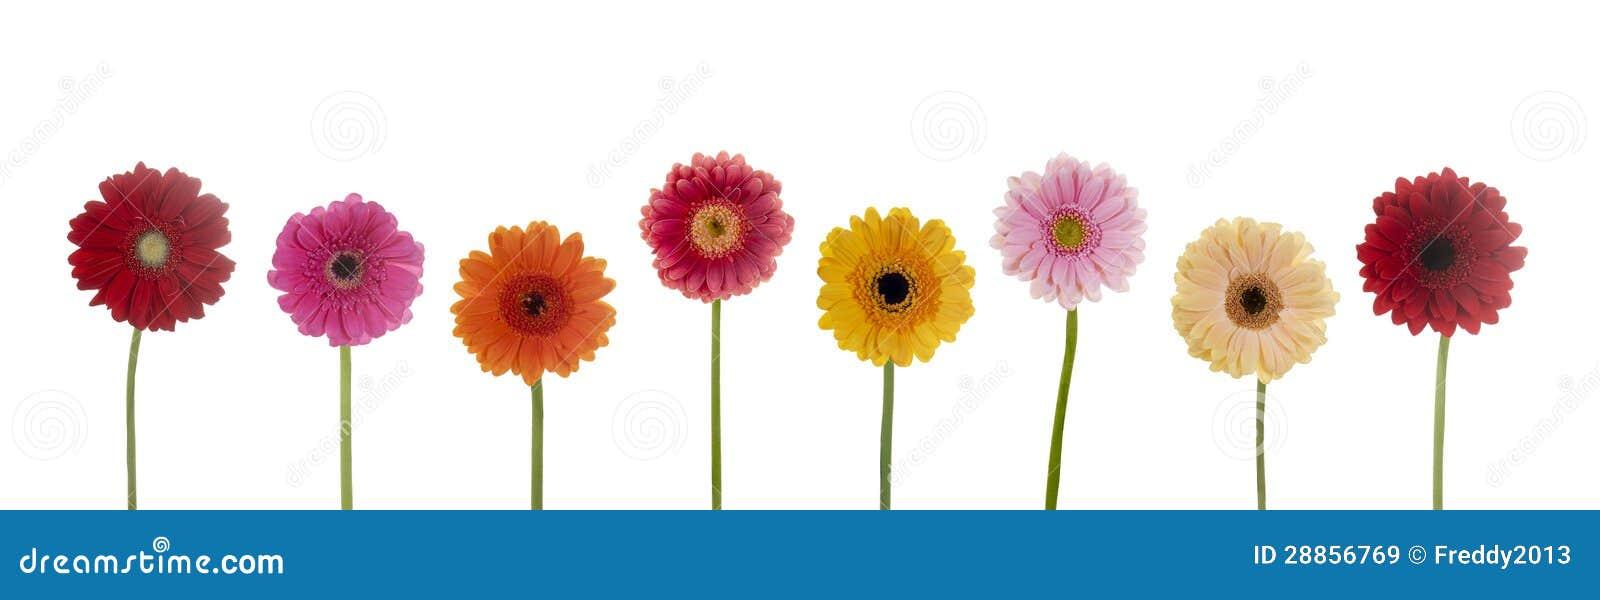 Flores bonitas imagen de archivo imagen de maneta elasticidad 28856769 - Fotos flores preciosas ...